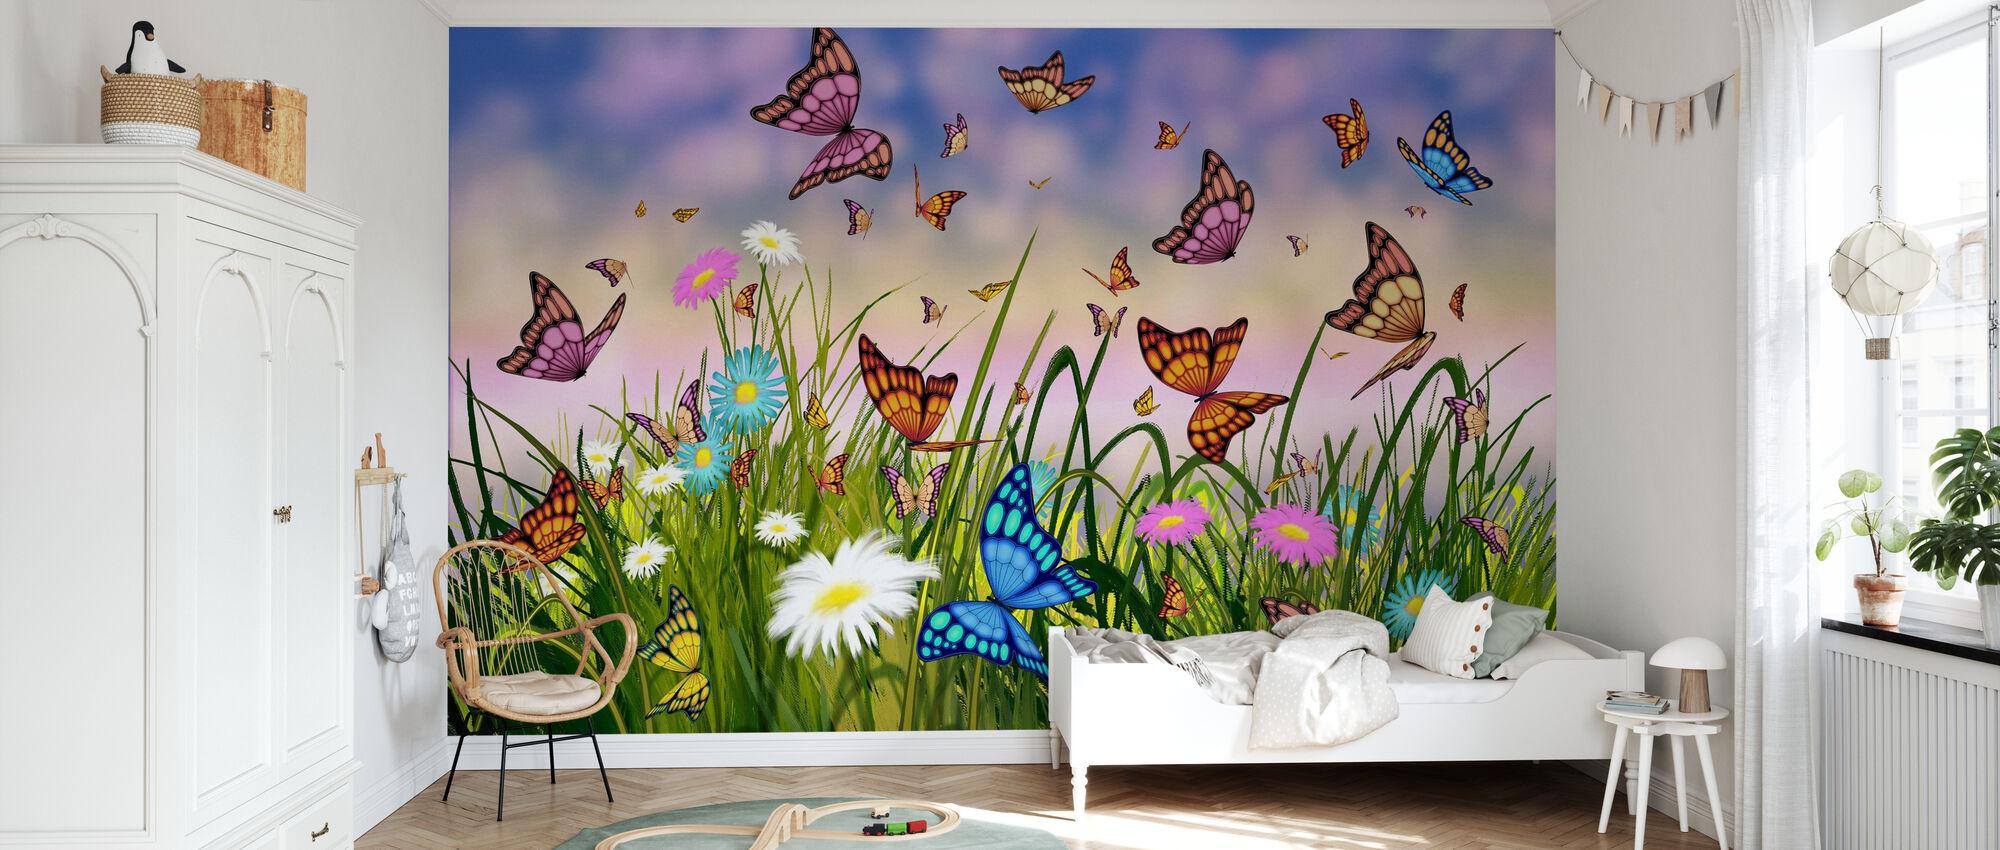 Butterfly Dreams - Wallpaper - Kids Room